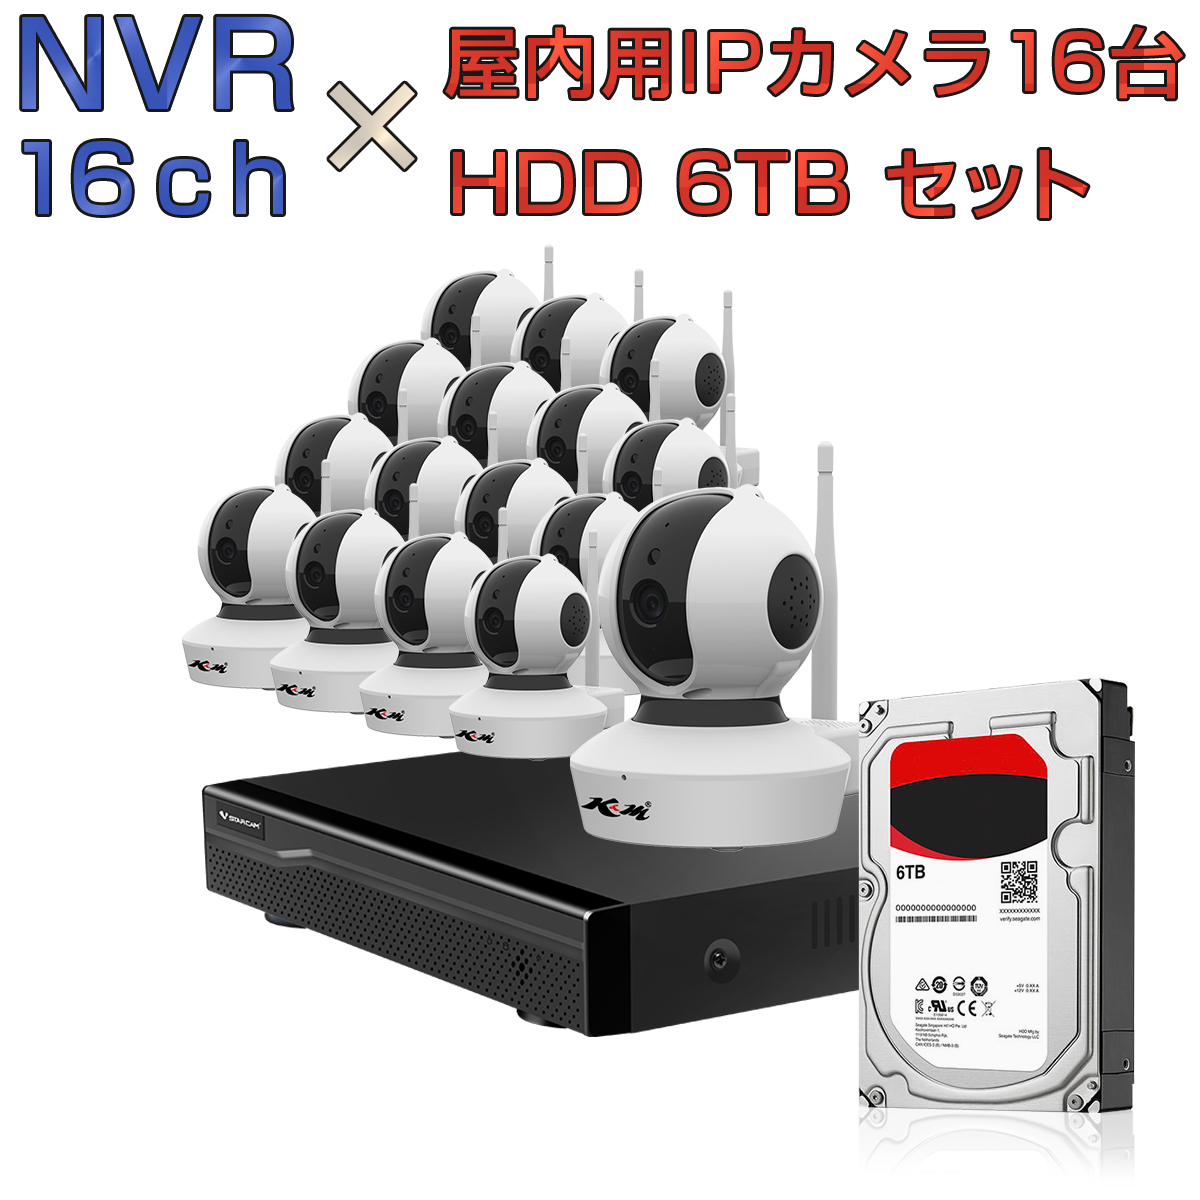 NVR ネットワークビデオレコーダー 16ch HDD6TB内蔵 C23S 2K 1080P 200万画素カメラ 16台セット IP ONVIF形式 スマホ対応 遠隔監視 1080P FHD 動体検知 同時出力 録音対応 H.265+ IPカメラレコーダー監視システム 宅配便送料無料 1年保証